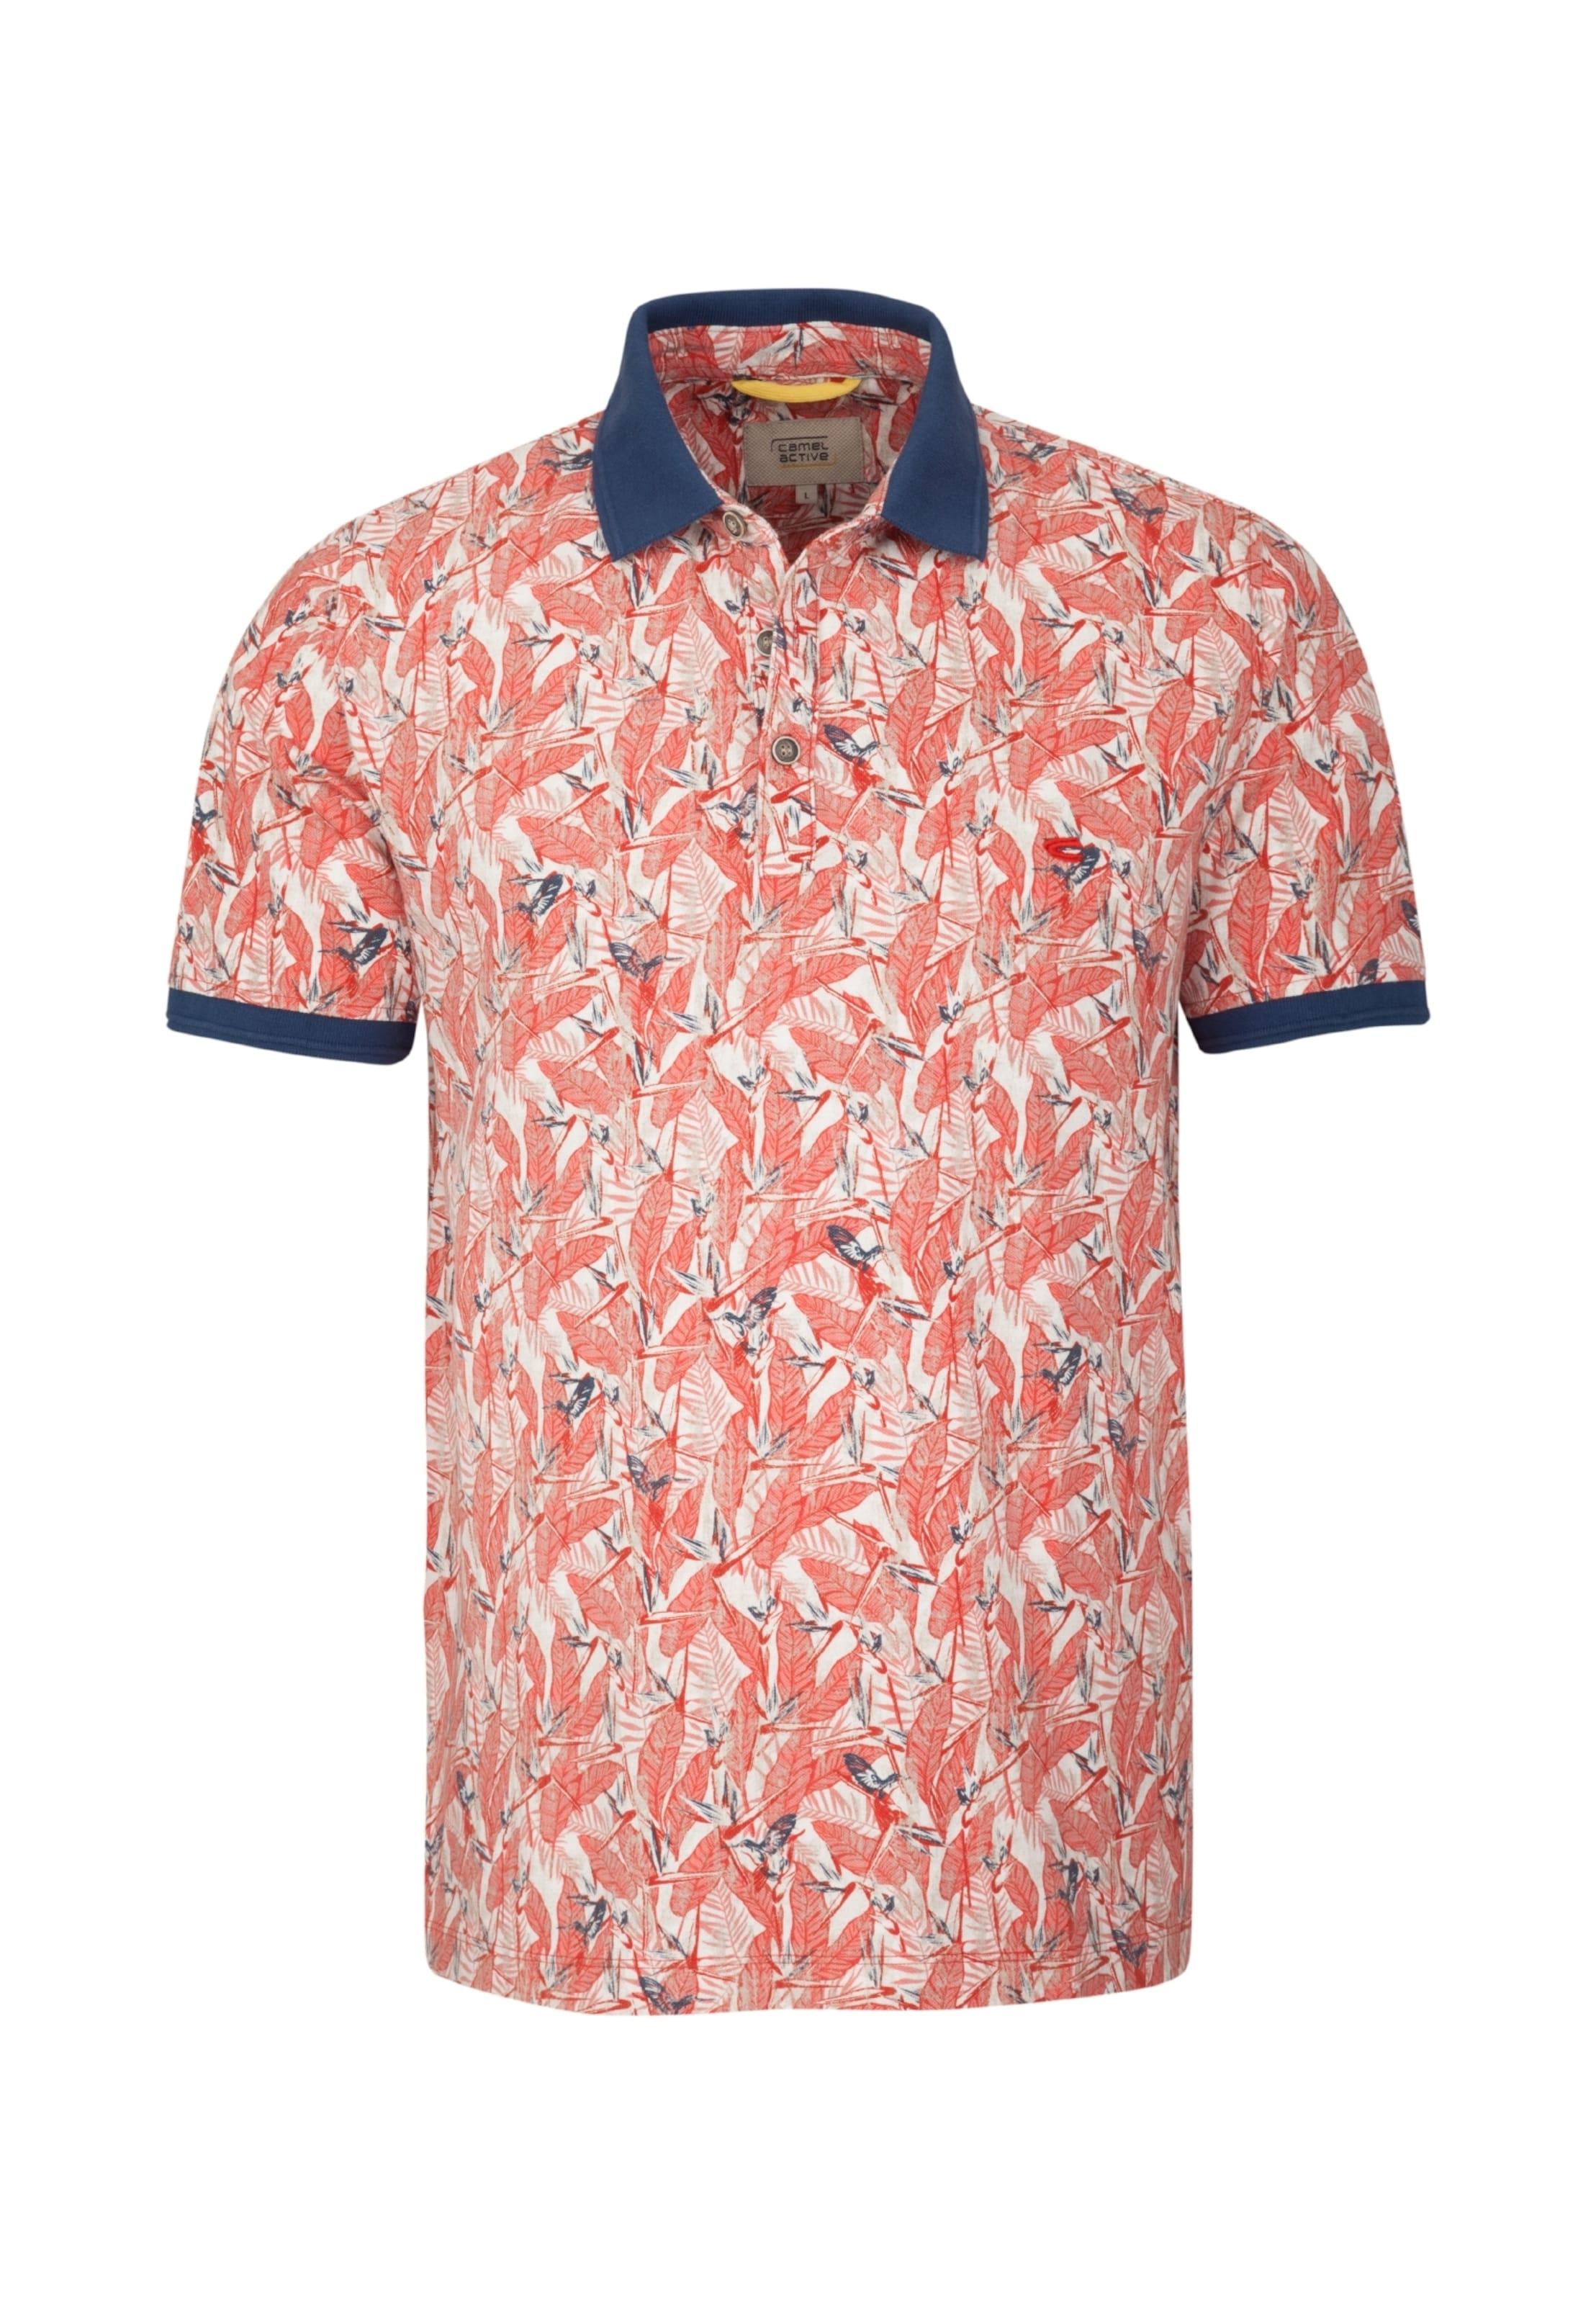 T En BleuClair shirt Active Camel LUzjMqSVGp